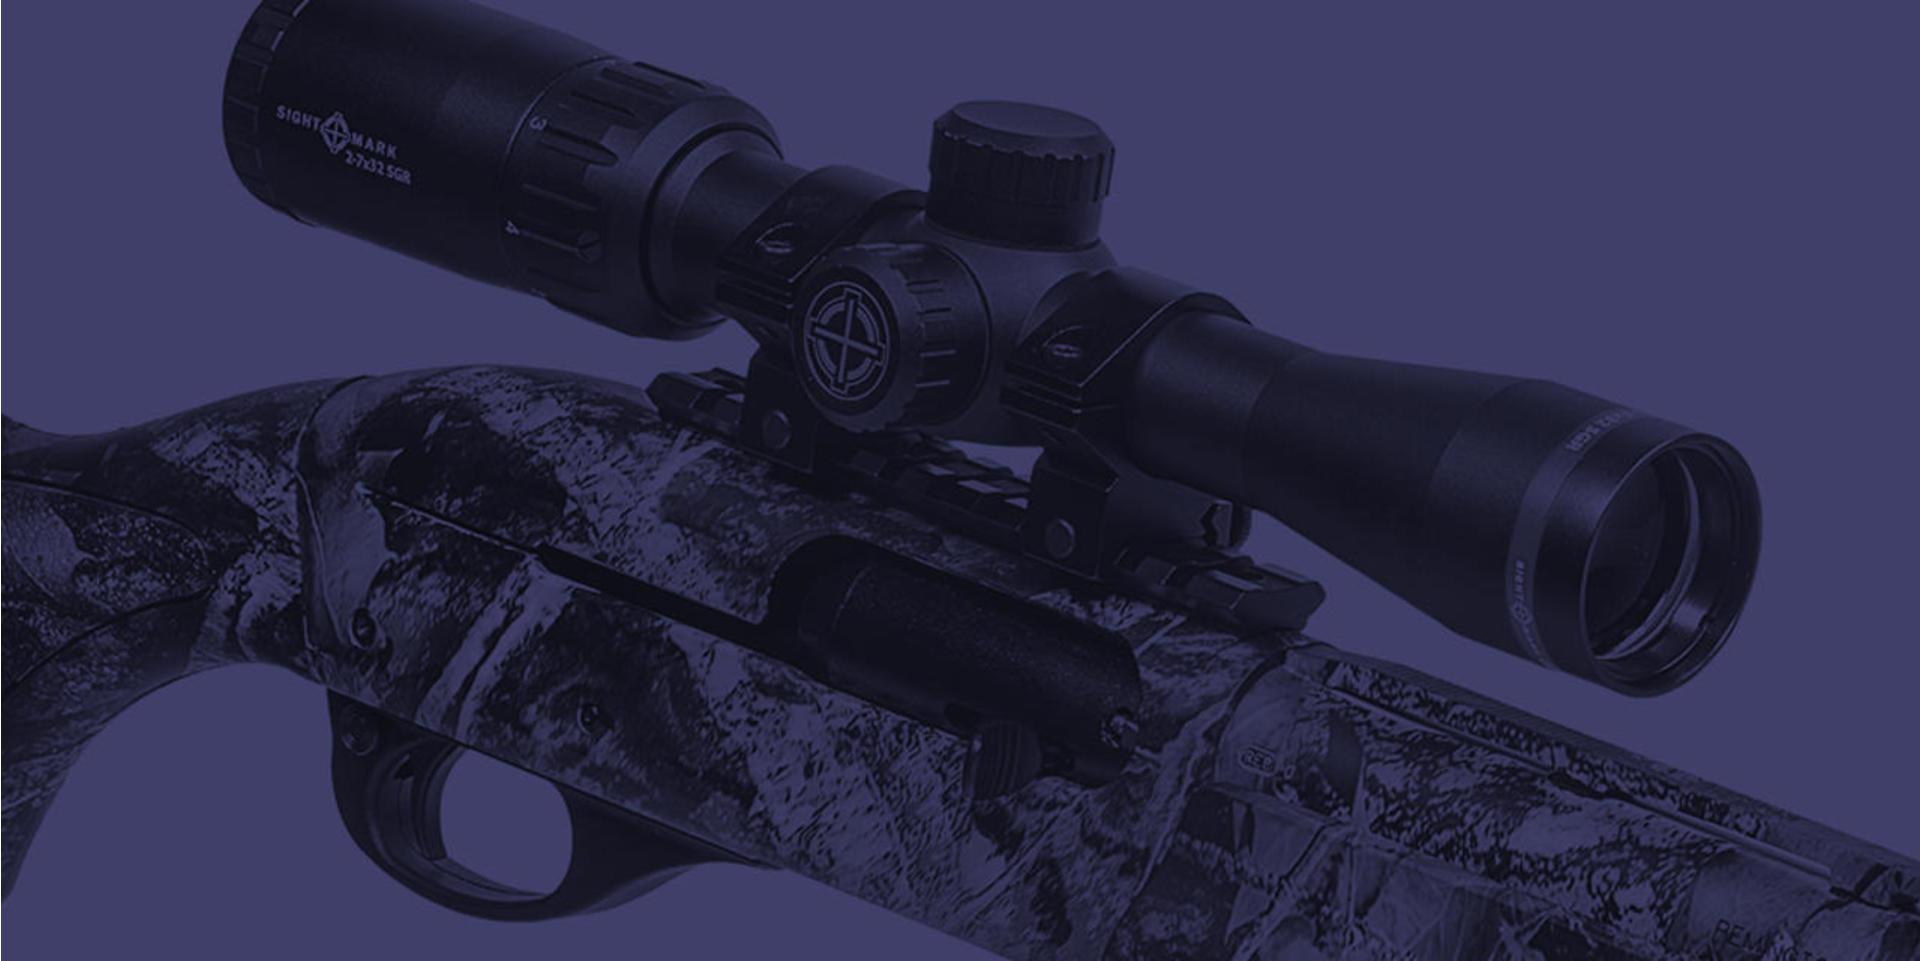 Sm13065sgr img gun 1000 desat  3